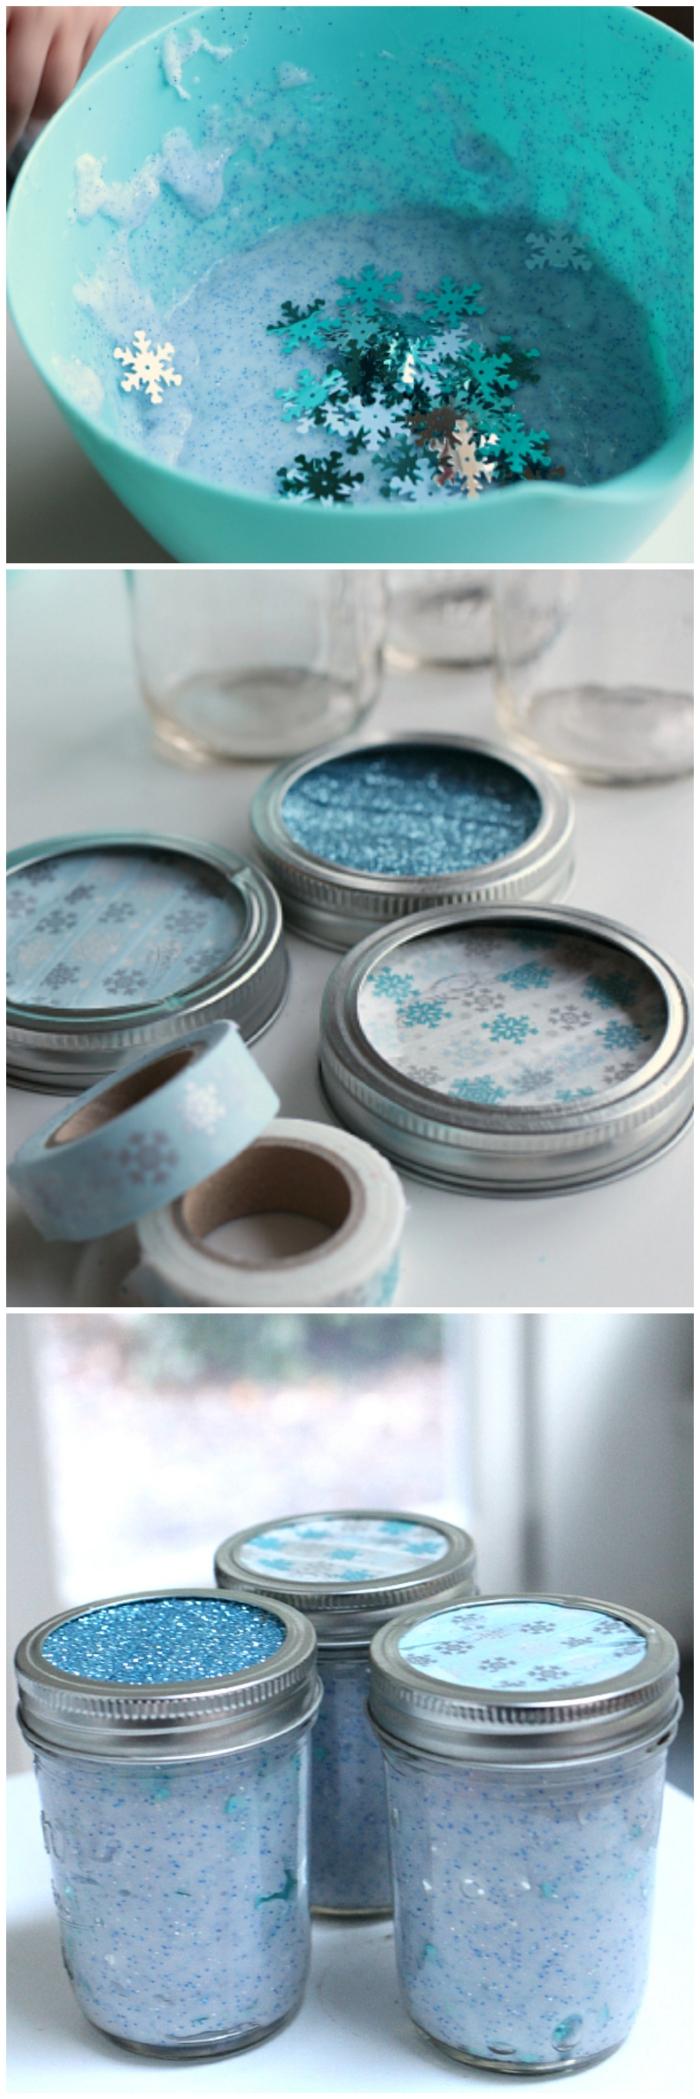 Idea per dello slime di colore azzurro e glitter stelle incorporate nell'impasto